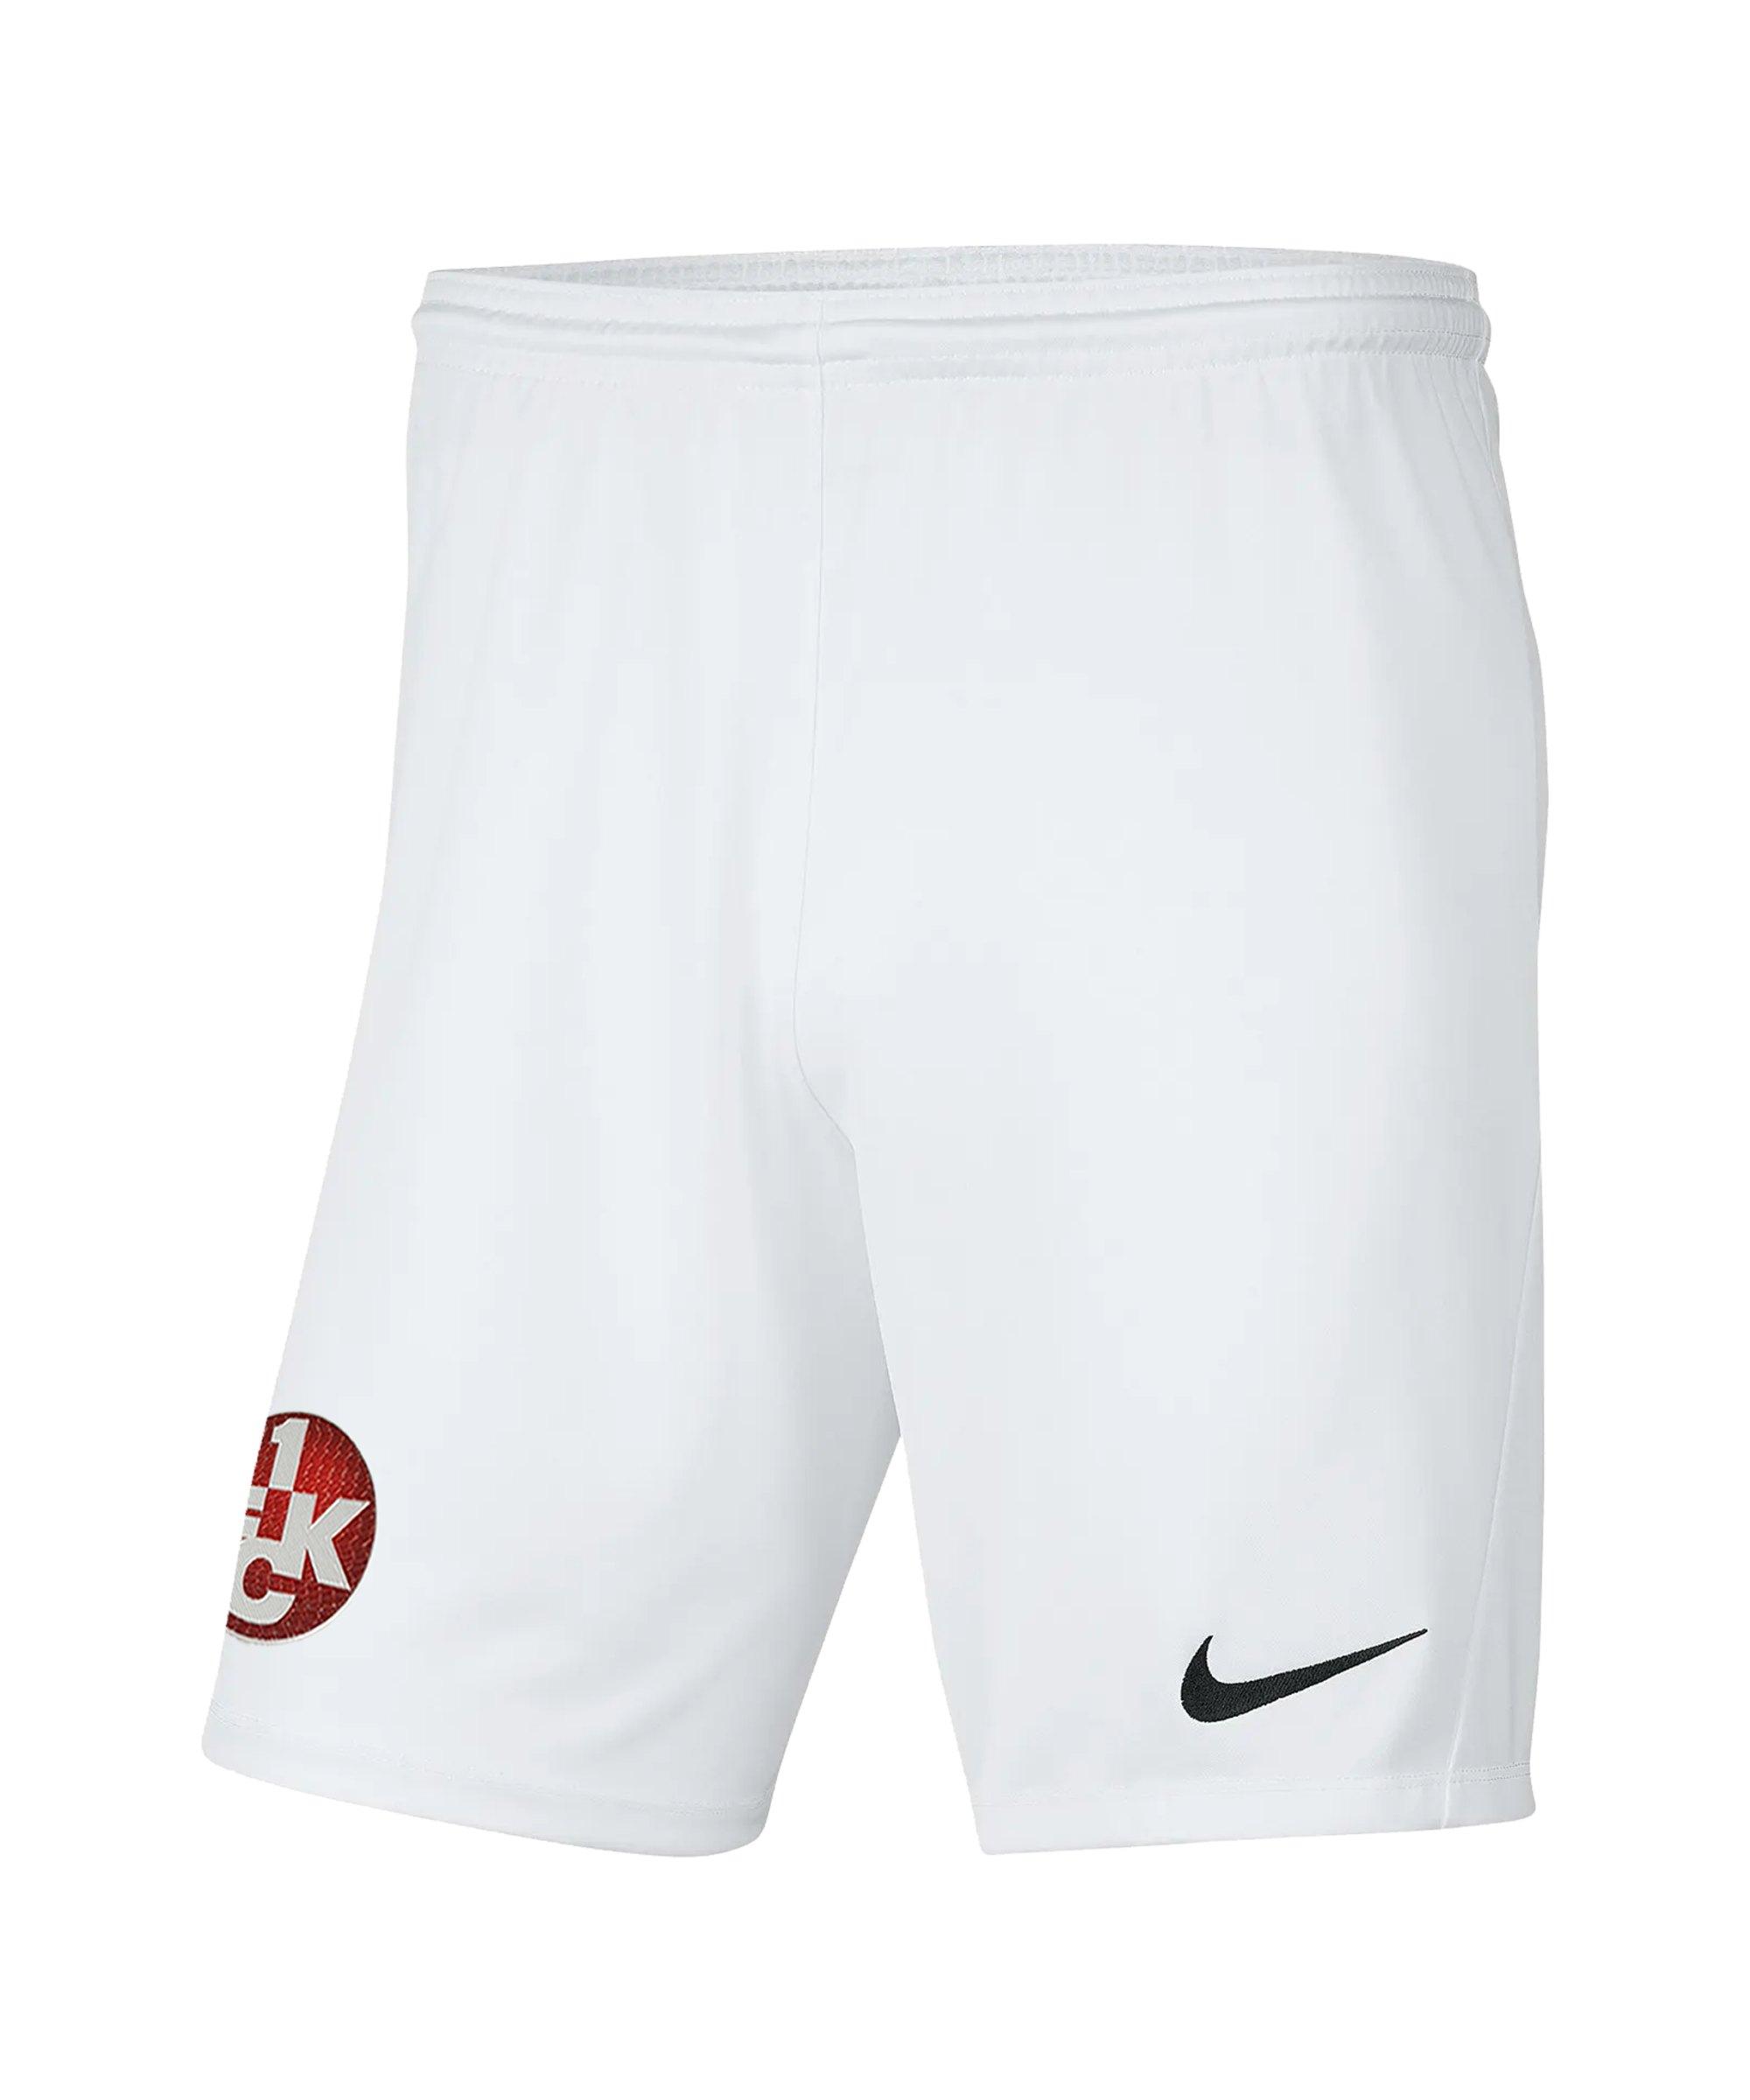 Nike 1. FC Kaiserslautern Short Away 2021/2022 Kids F100 - weiss